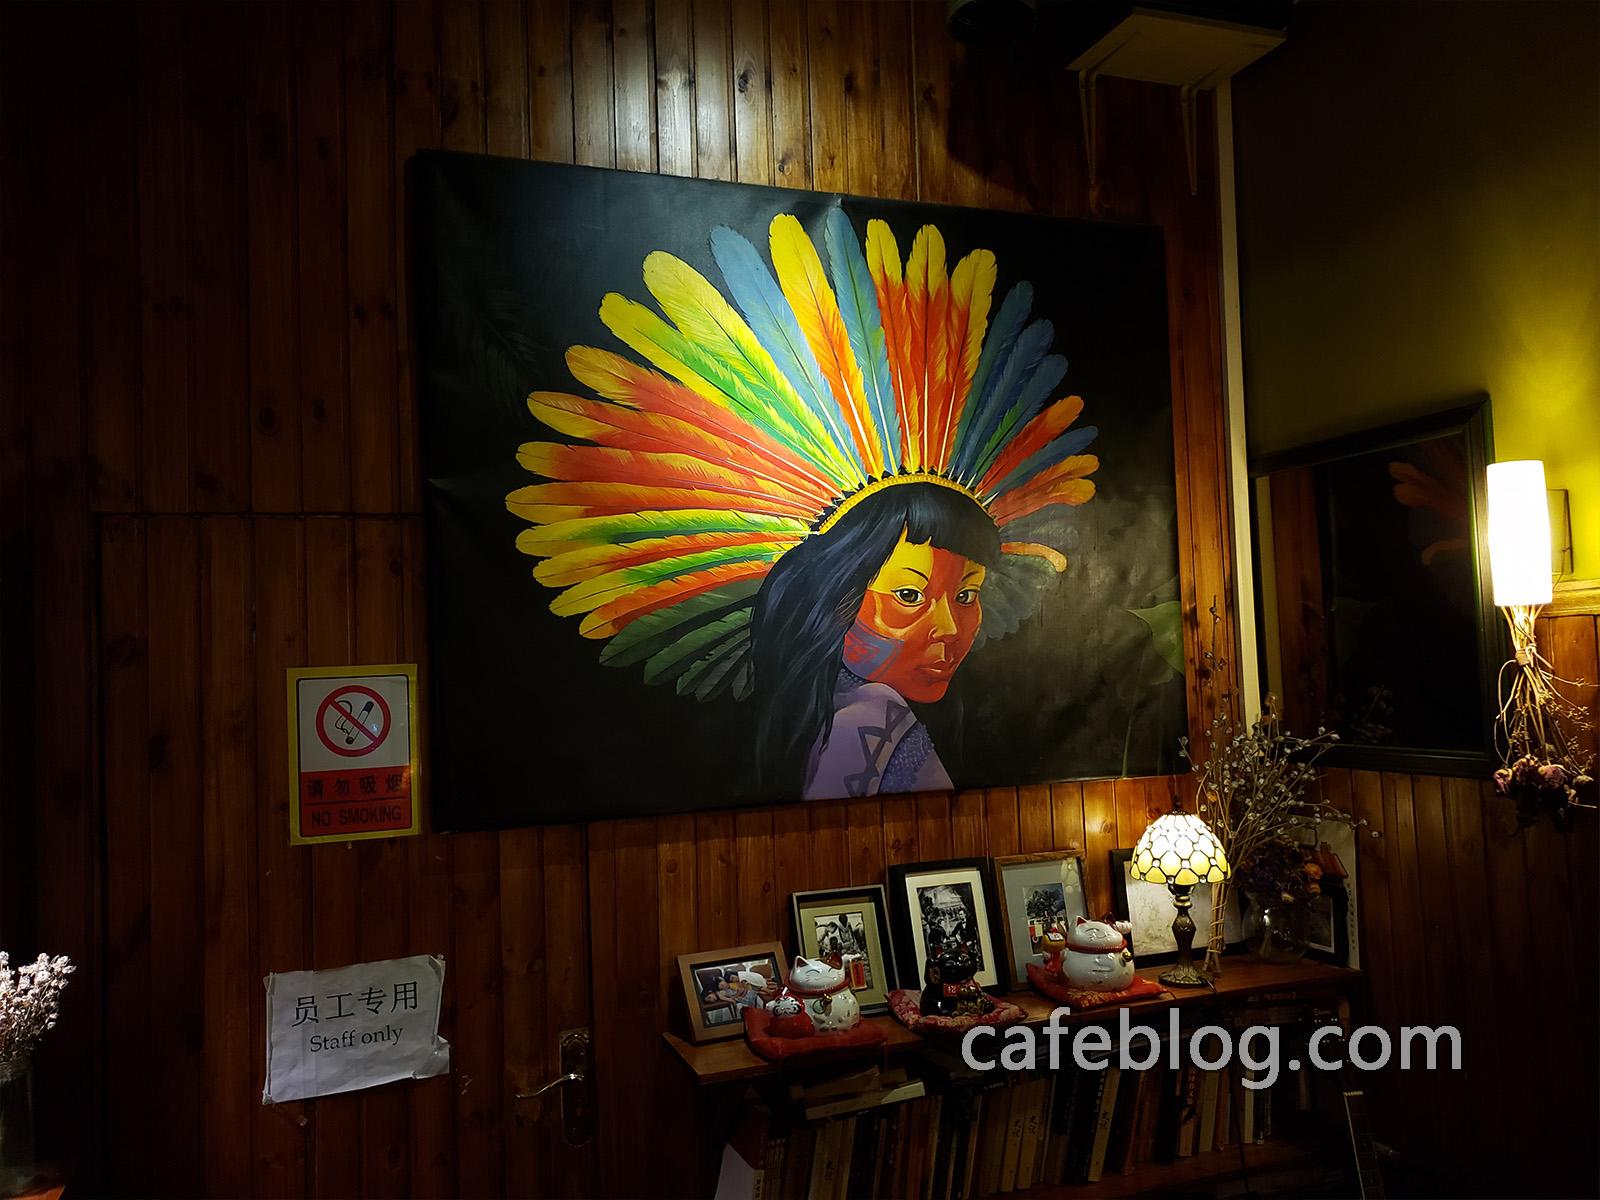 玛雅咖啡馆 Maya Cafe 墙上挂的照片特别有印象。